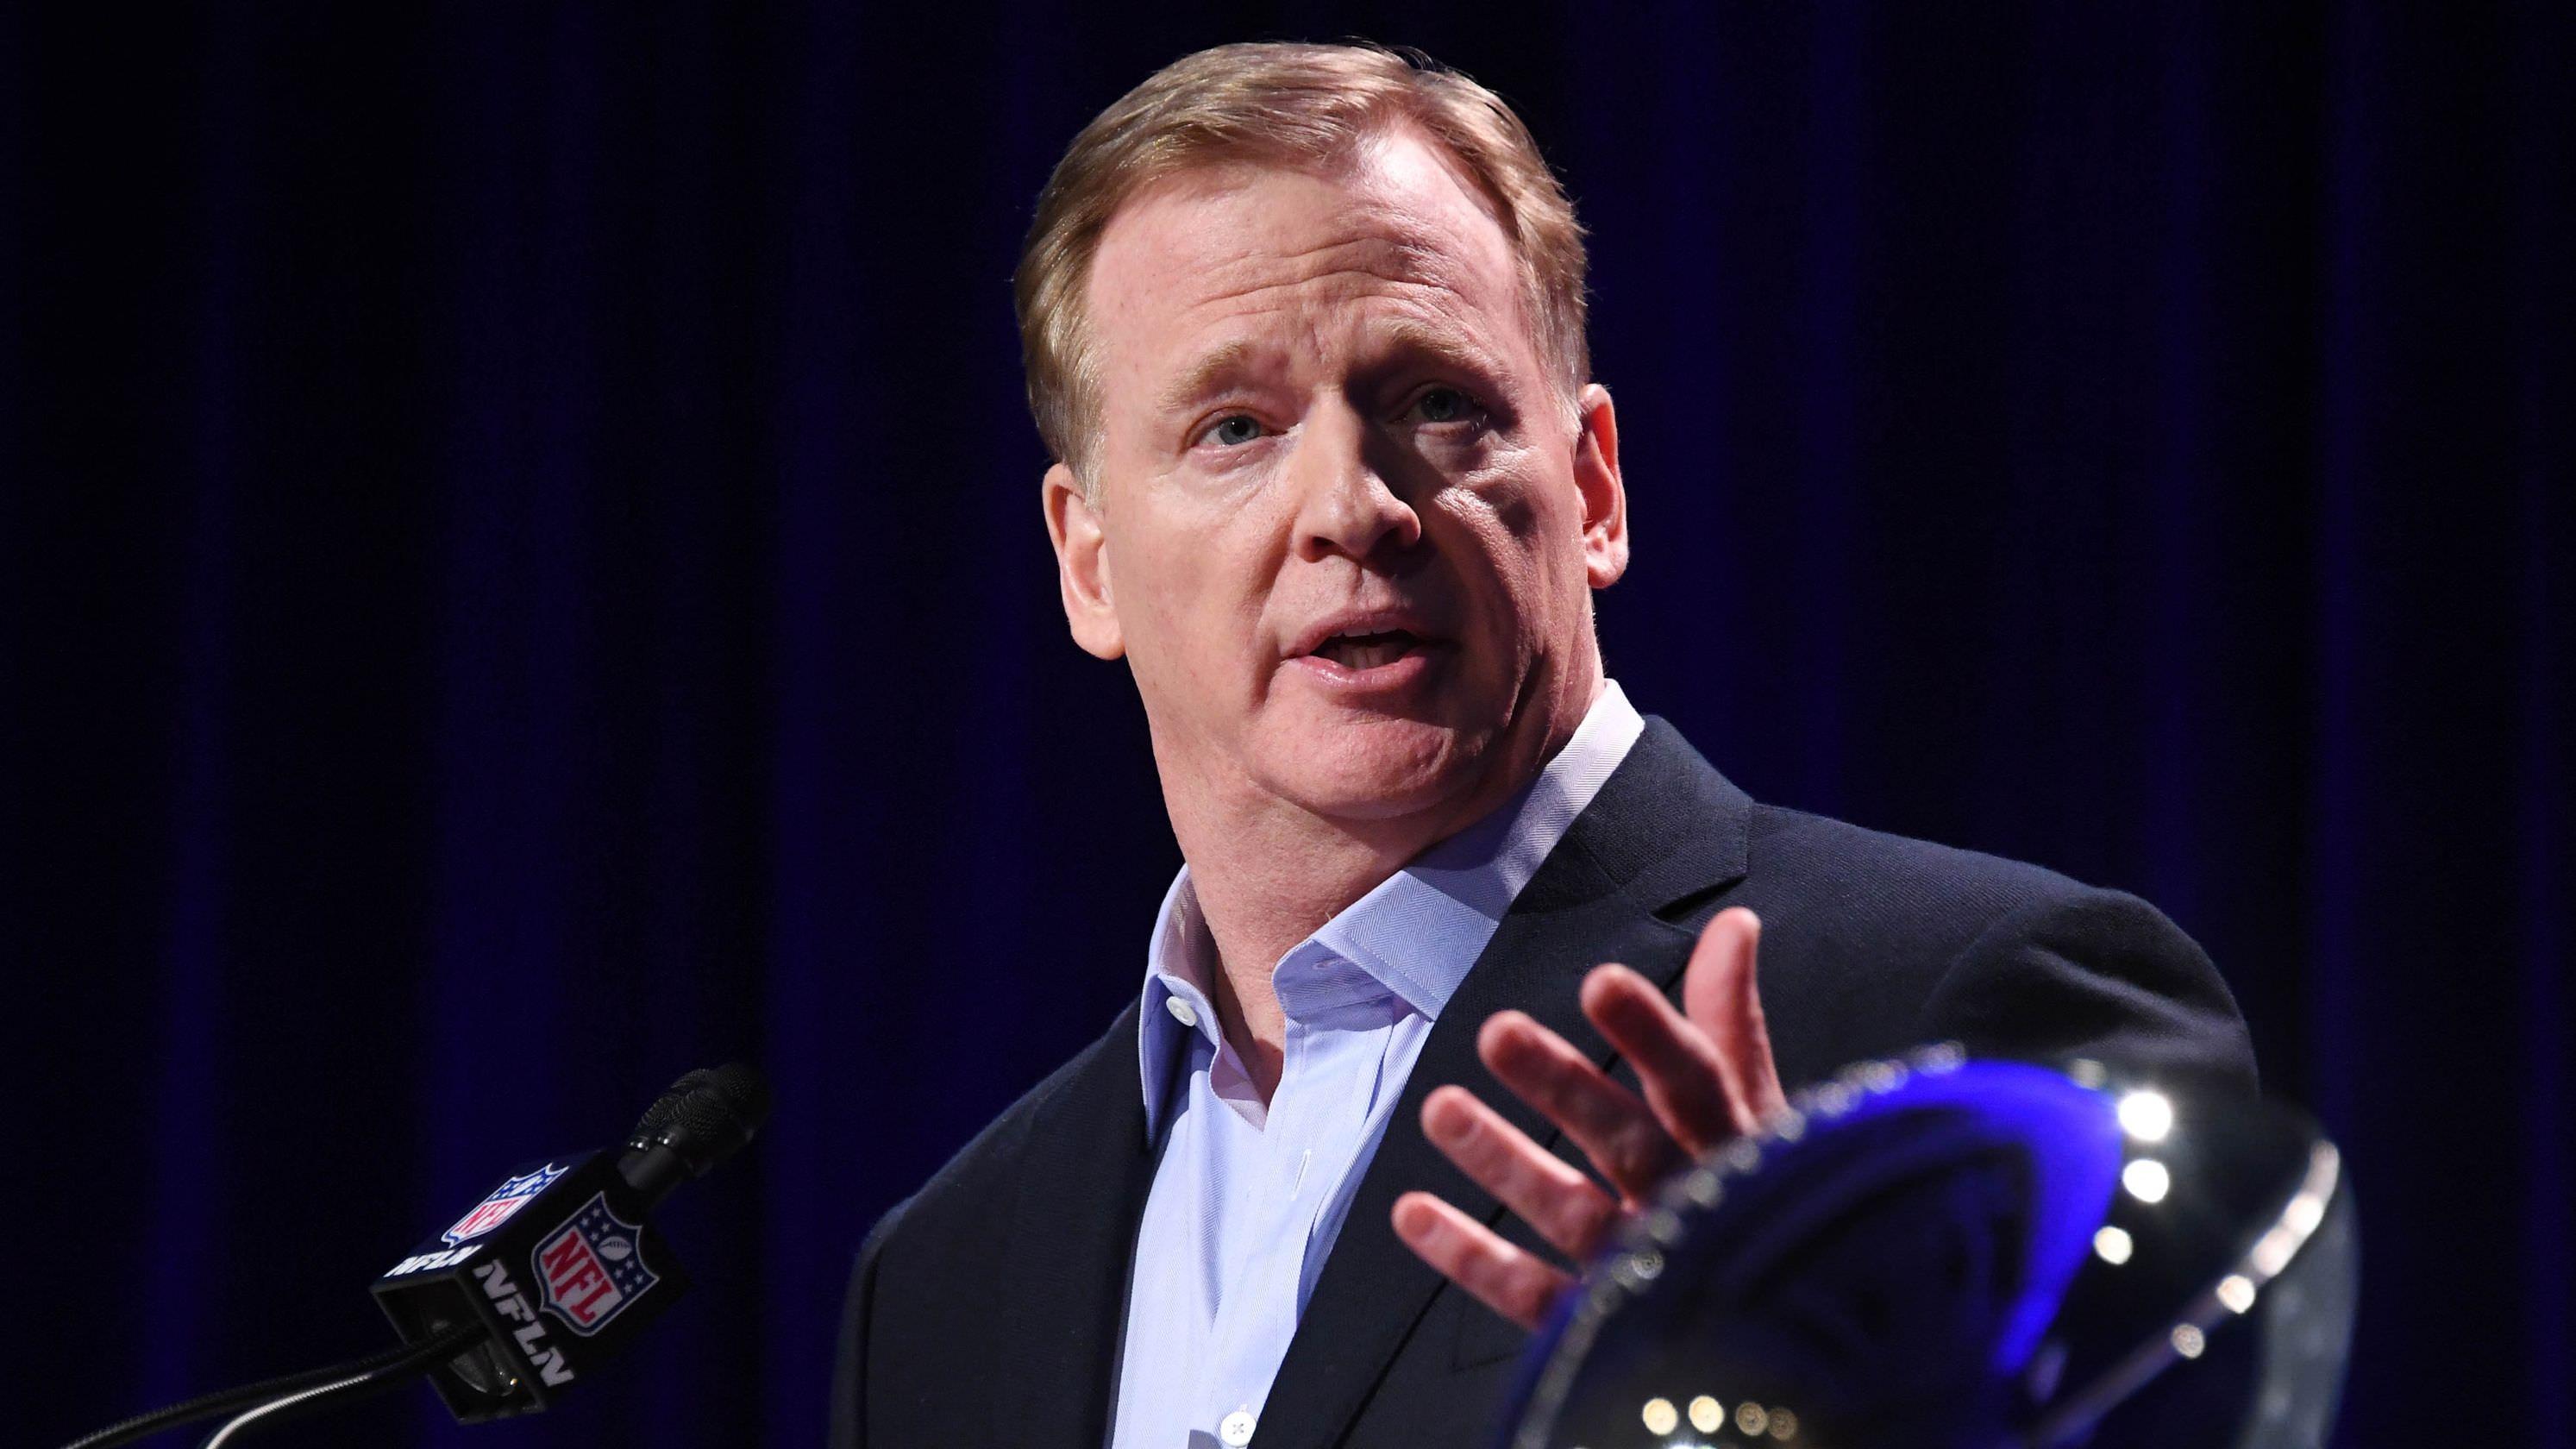 Opinião: Roger Goodell não dará aos fãs da NFL as respostas honestas que eles merecem